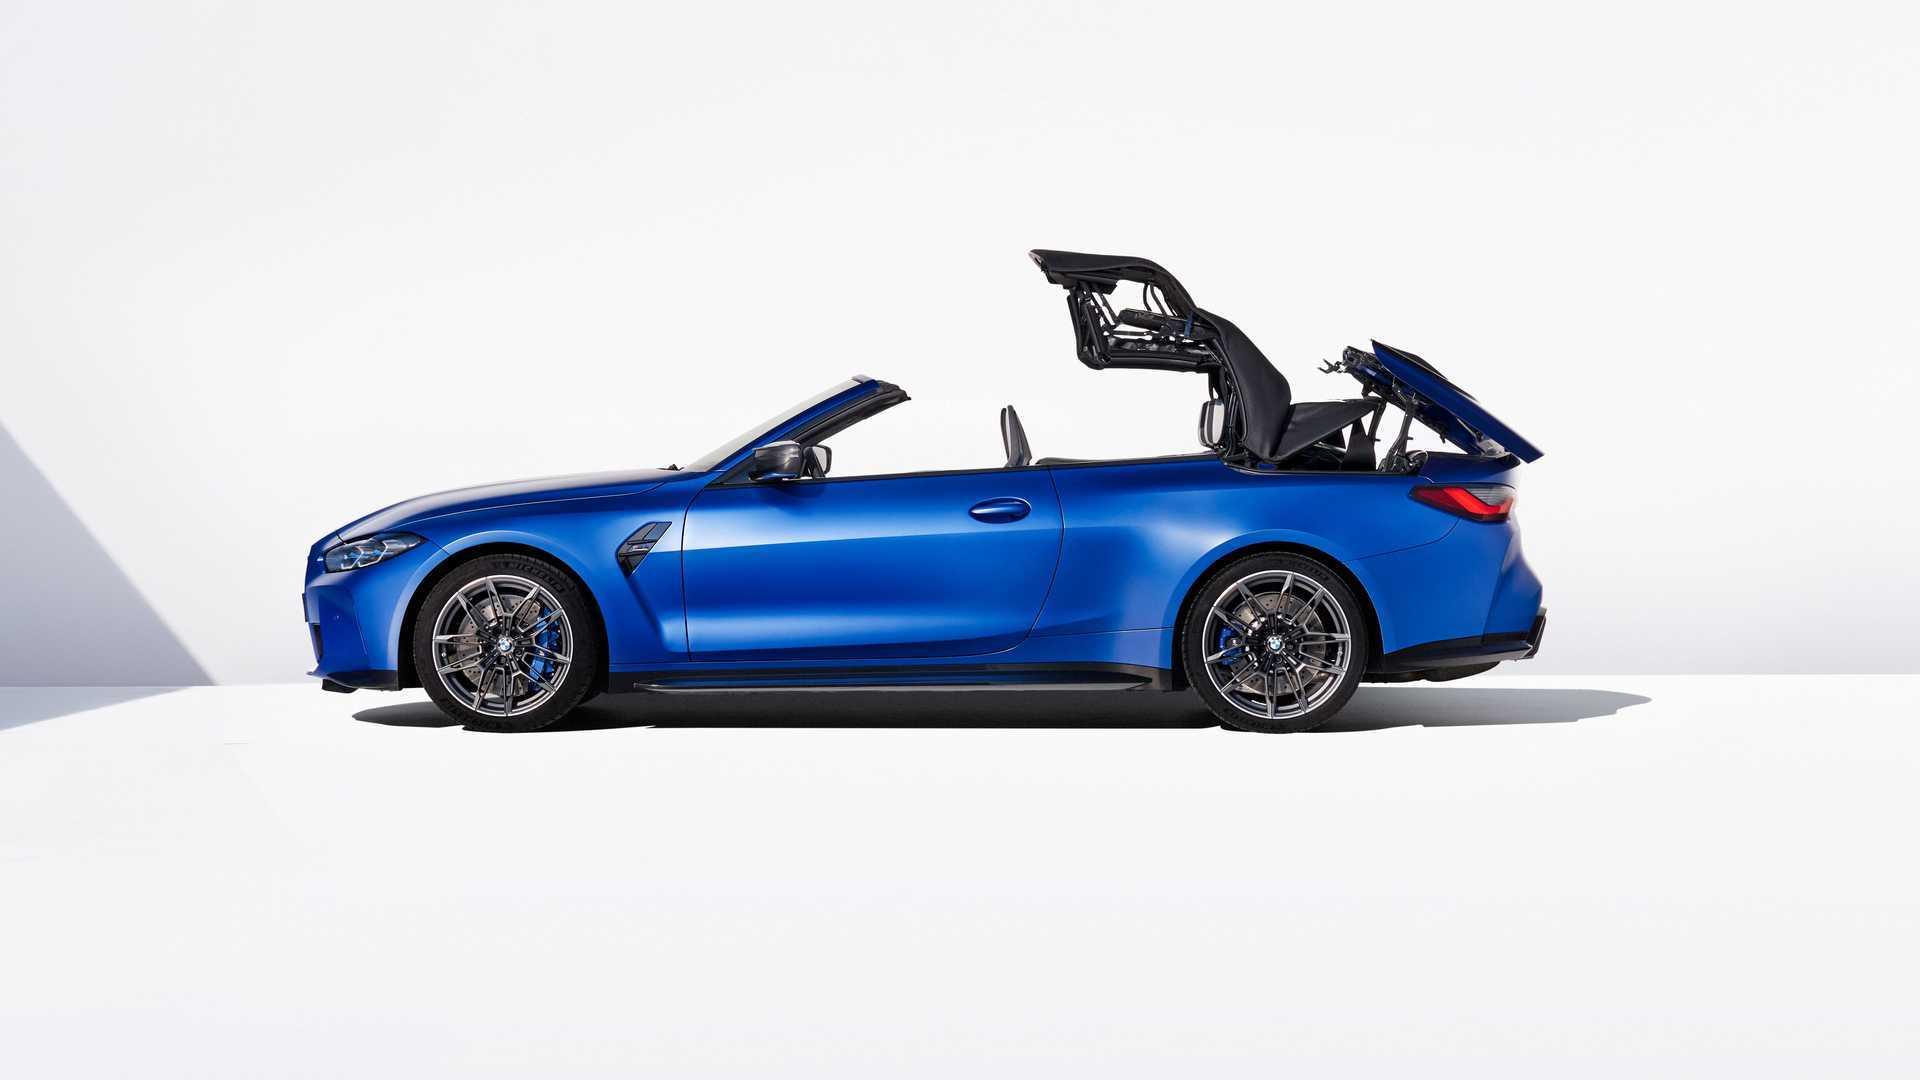 Las claves del nuevo BMW M4 Cabrio según BMW 2